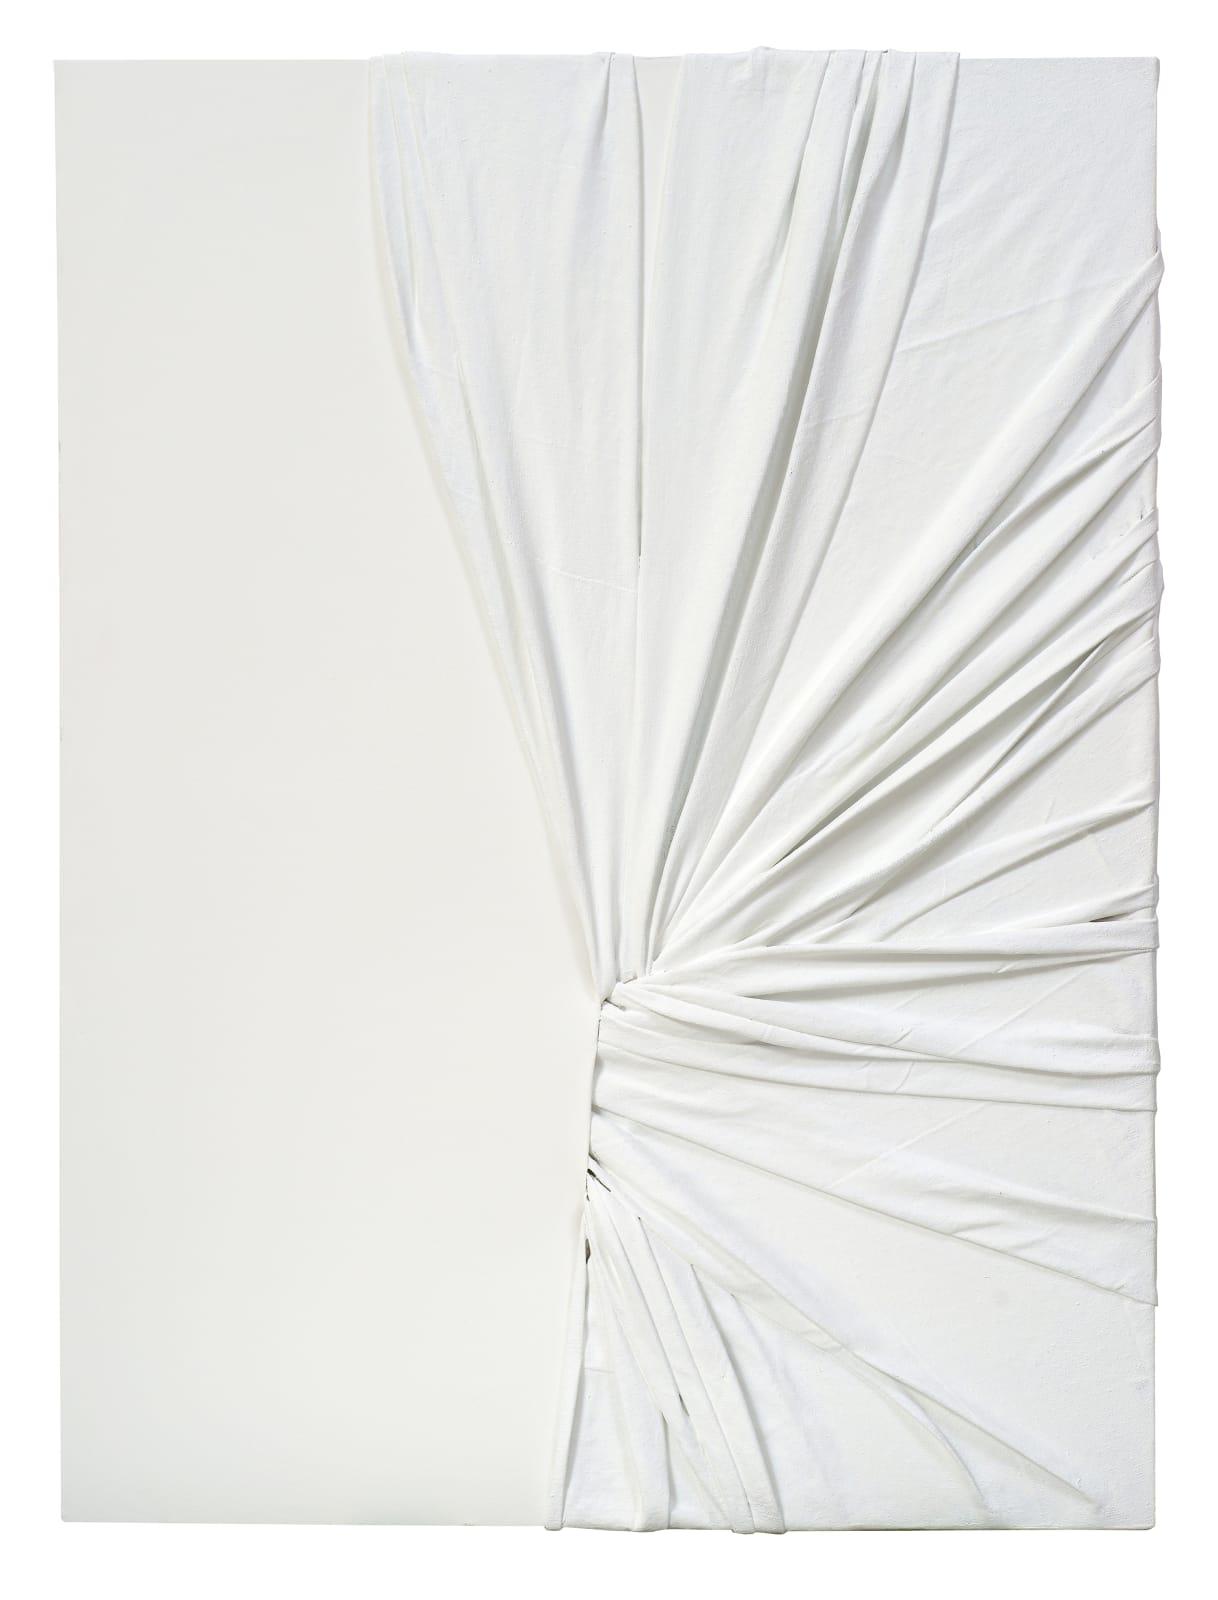 Stella Zhang 張爽, 0-Viewpoint-3-14 0-視點-3-14, 2014